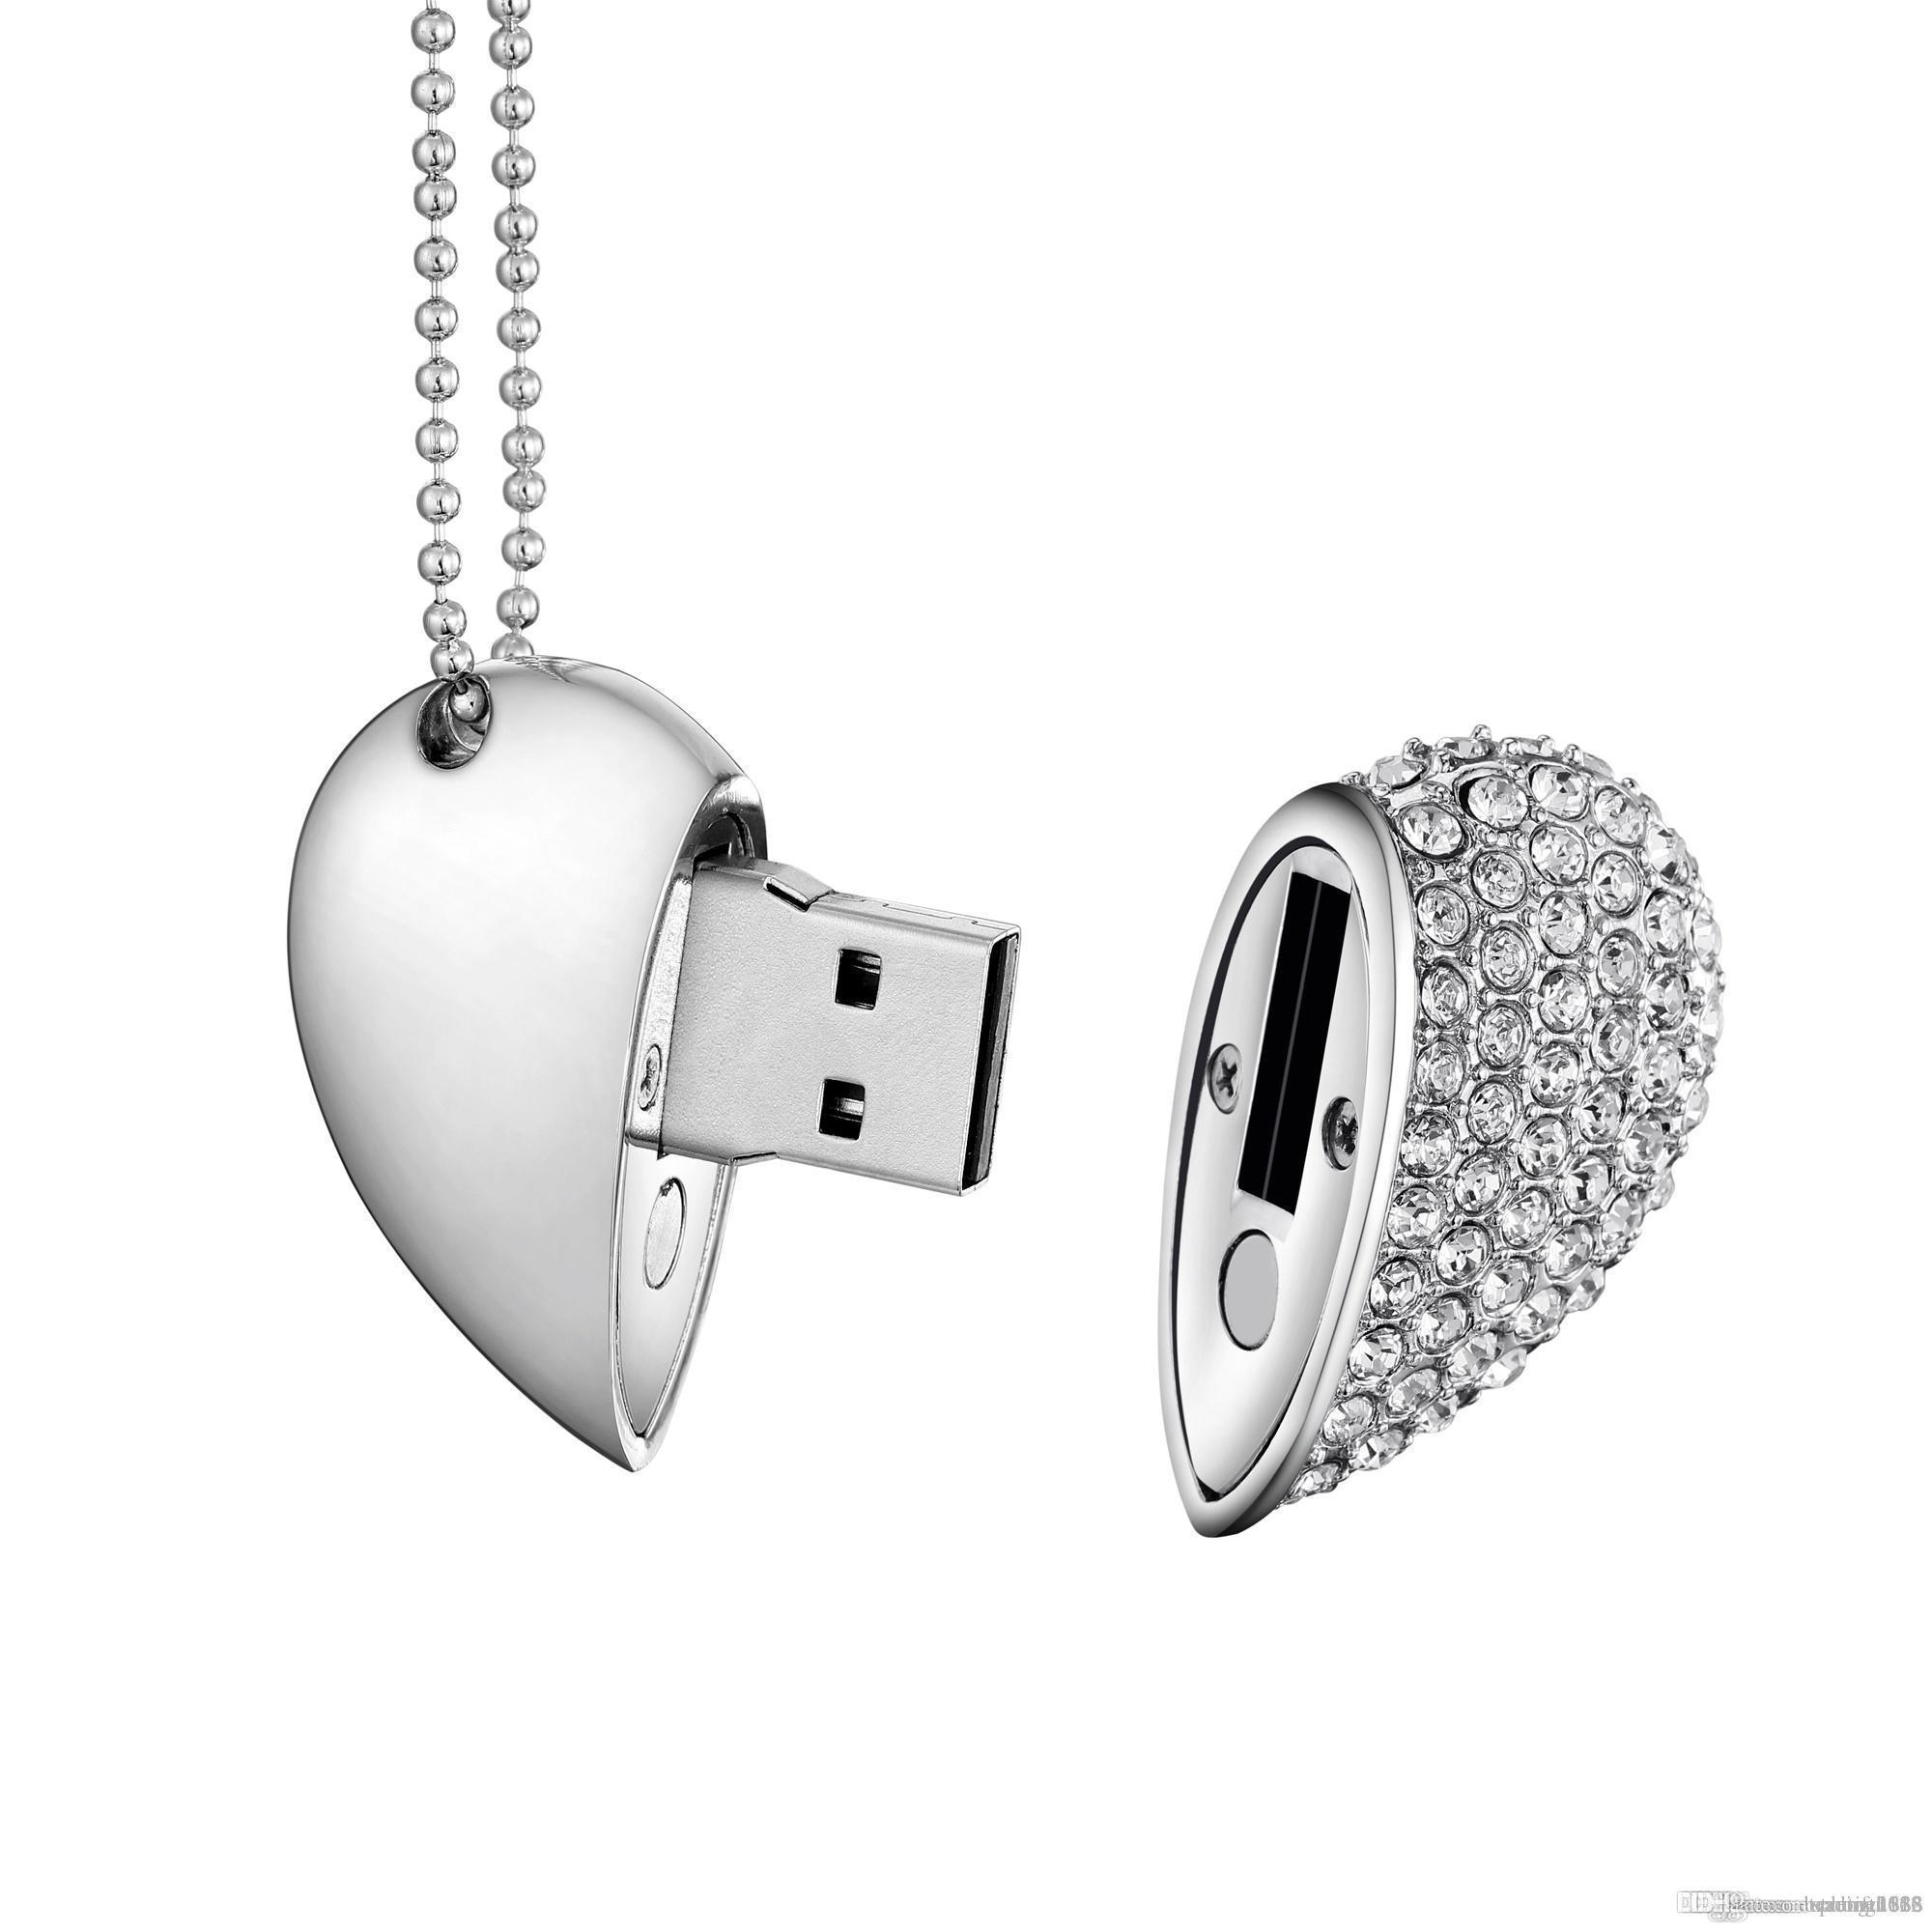 Nuevo diseño de la capacidad verdadera del USB Corazón de Cristal 2.0 Flash Drive Memory Stick 16 GB ~ 64 GB Pendrive con collar